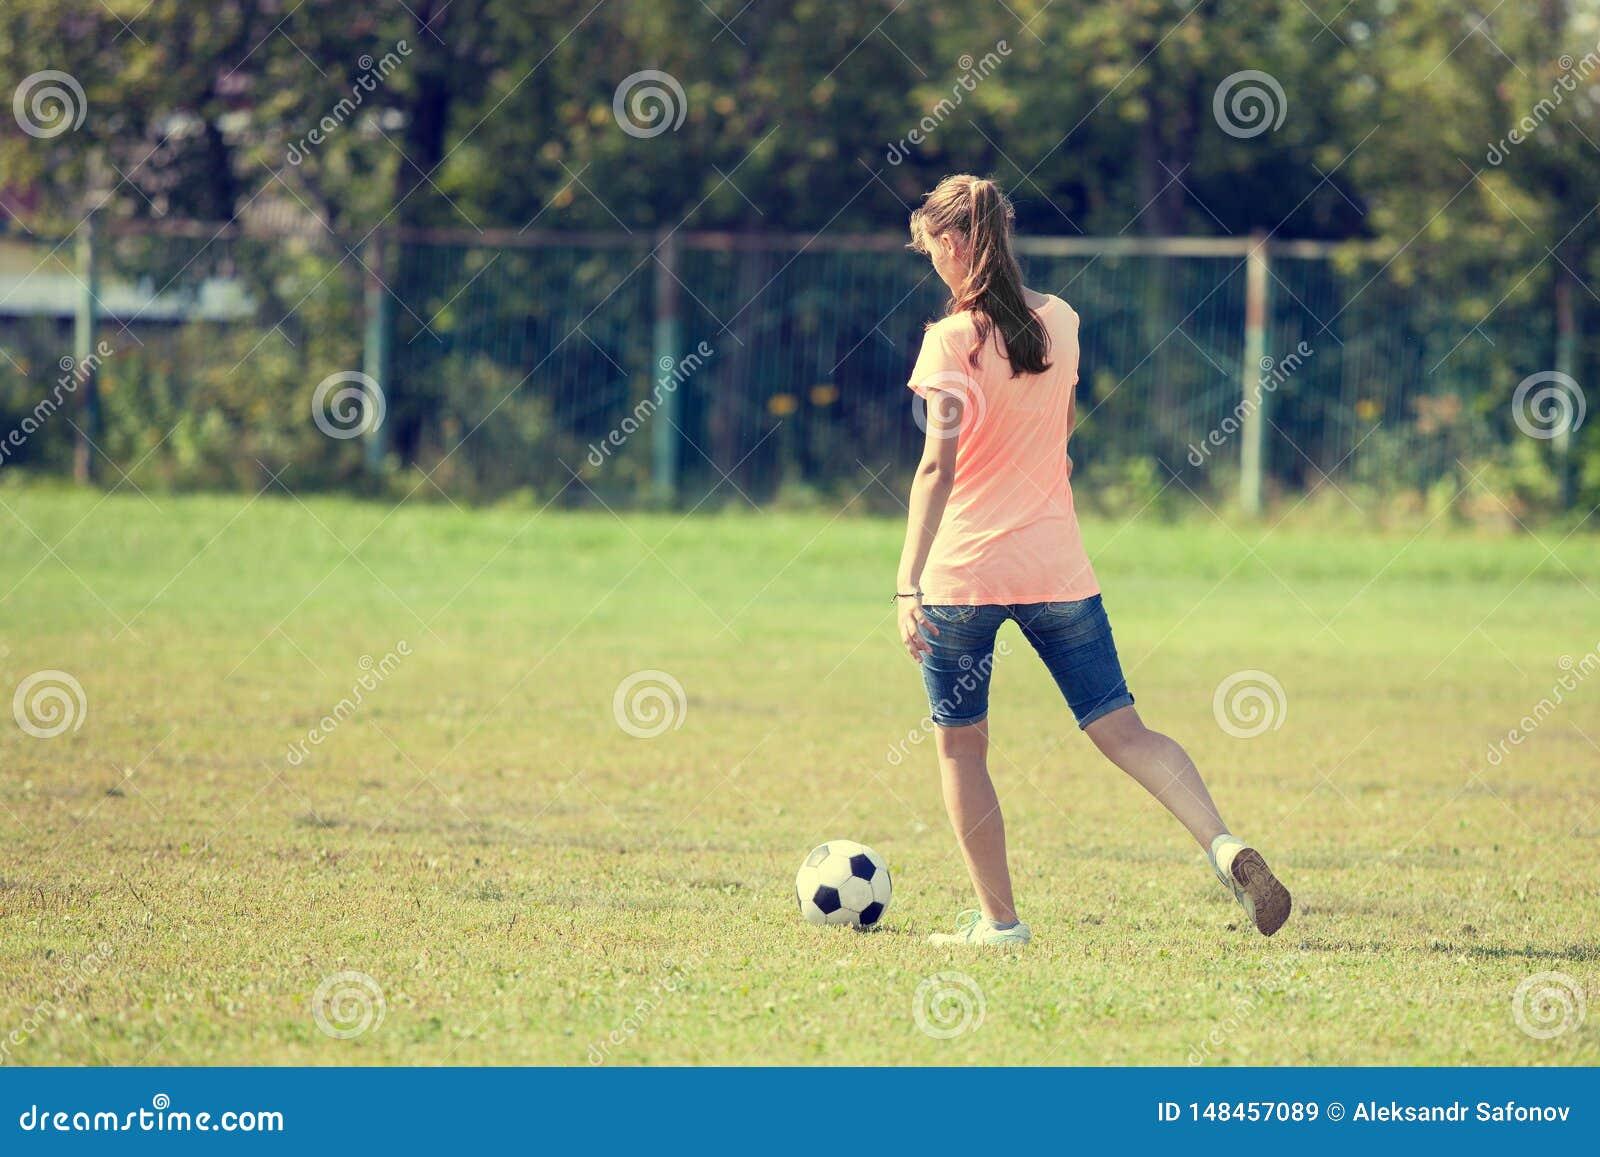 El atleta que la muchacha golpea la bola con el pie jugó a fútbol